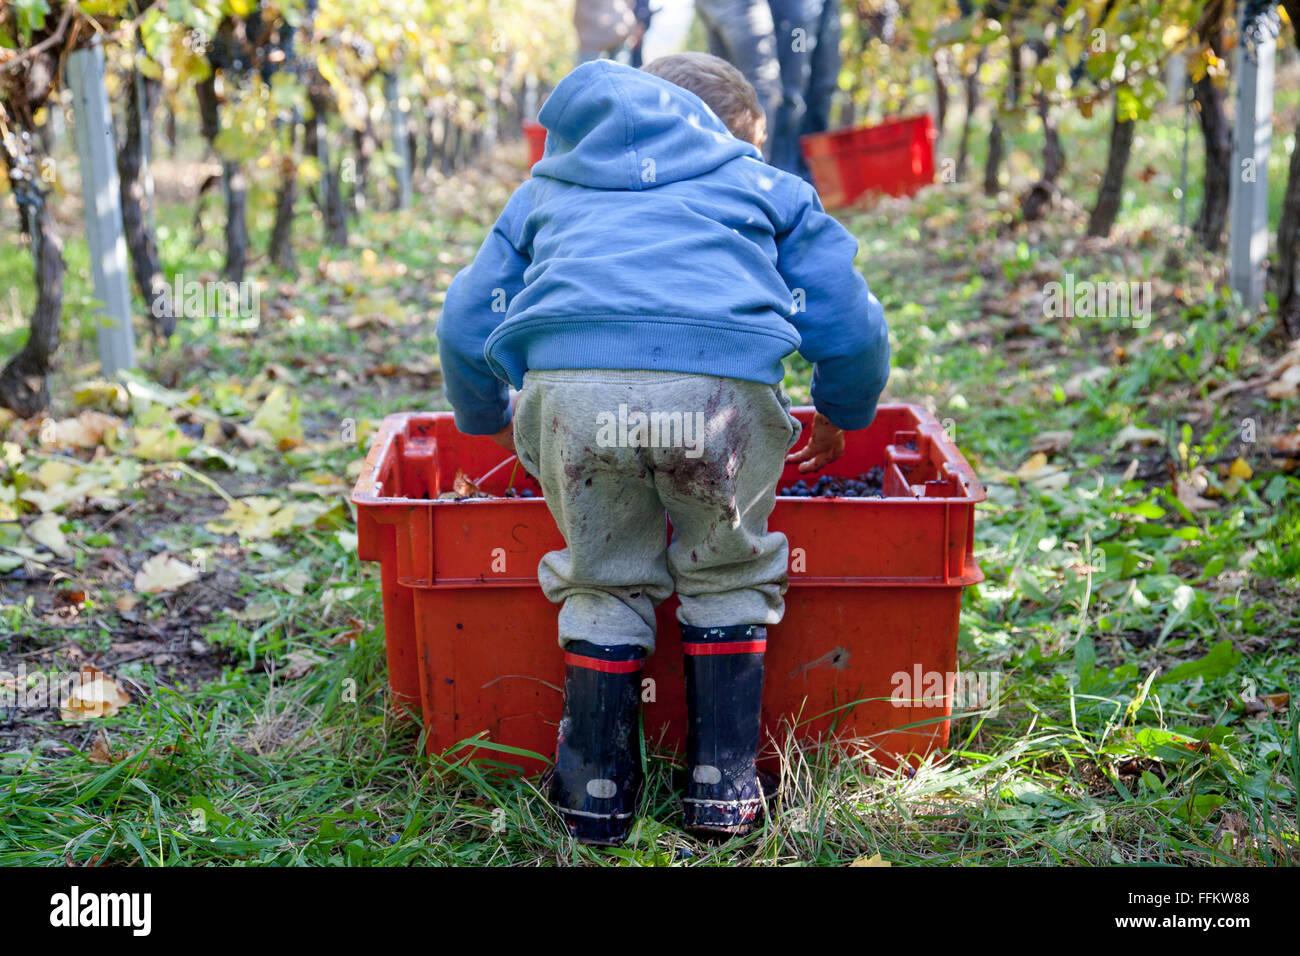 Bébé garçon aide à la récolte de raisins de vigne Photo Stock